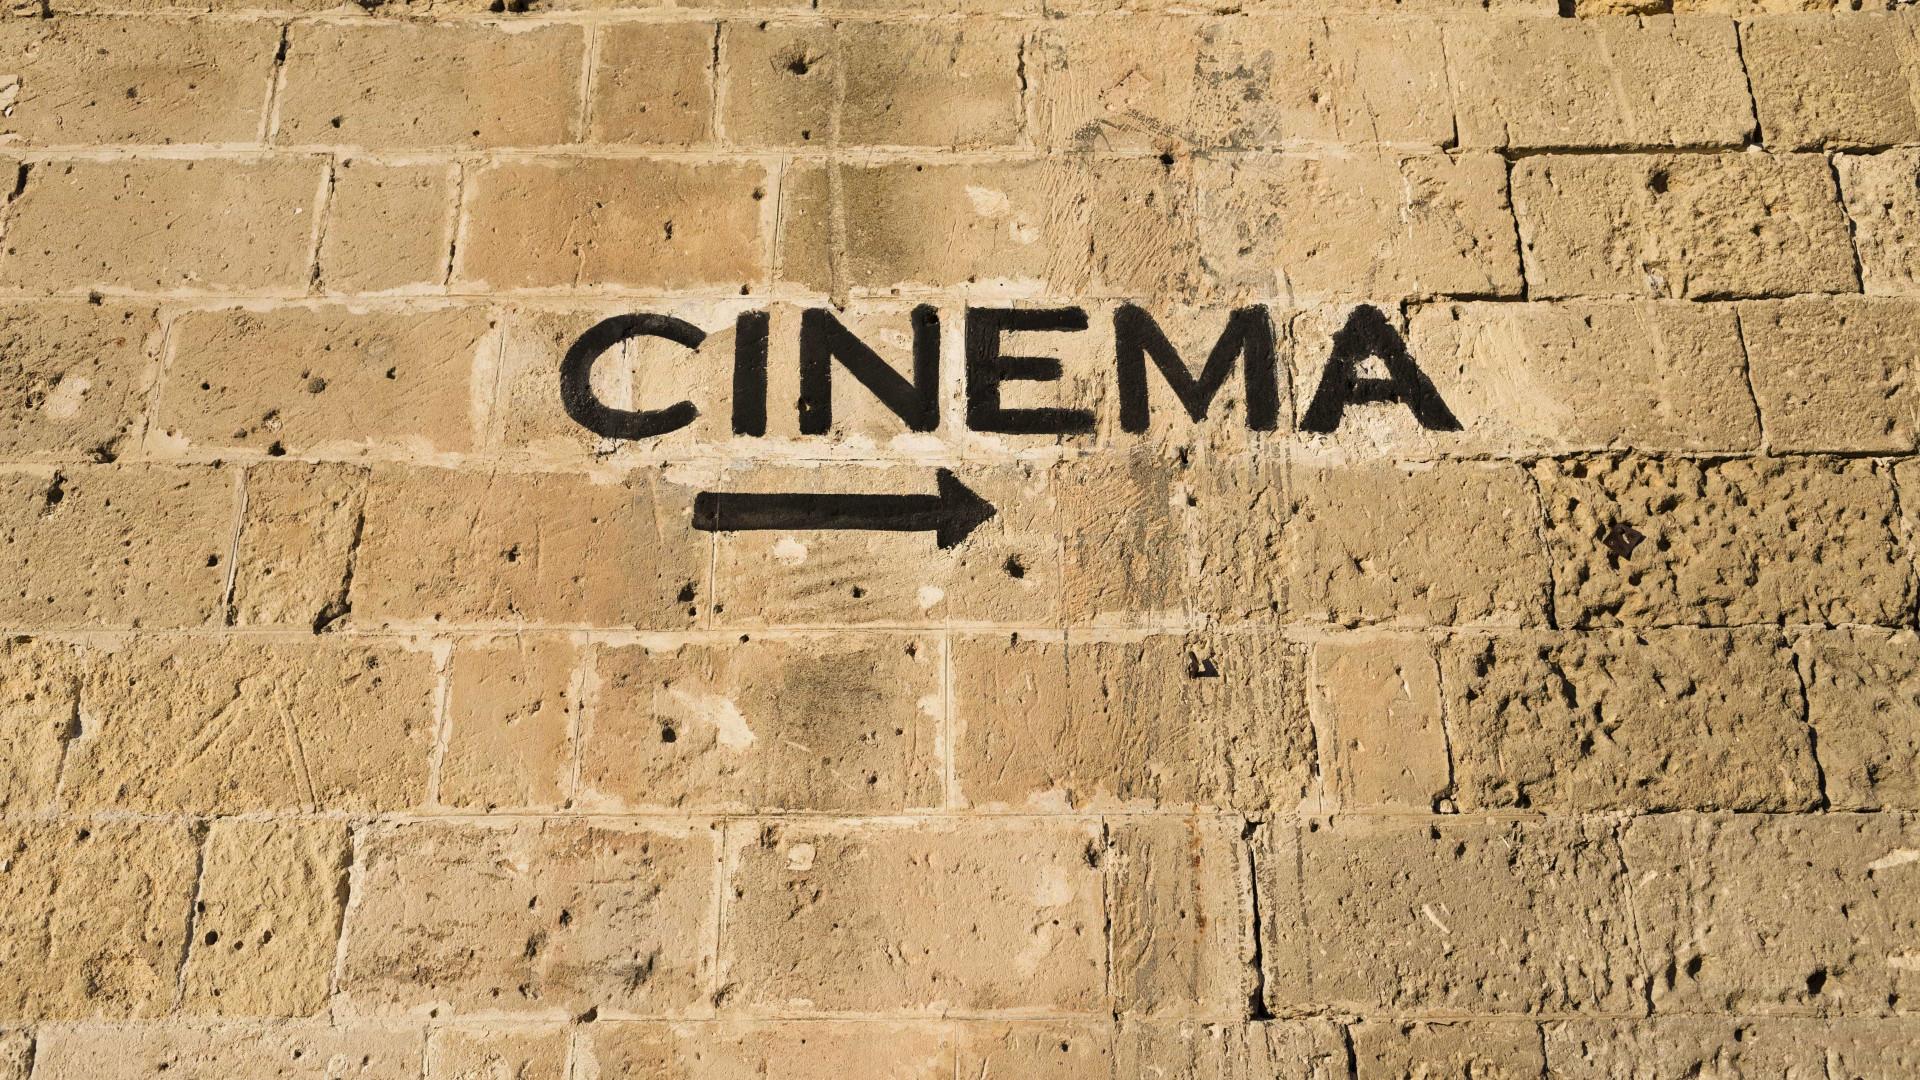 Festival de cinema Filmes do Homem arranca hoje com 24 filmes a concurso